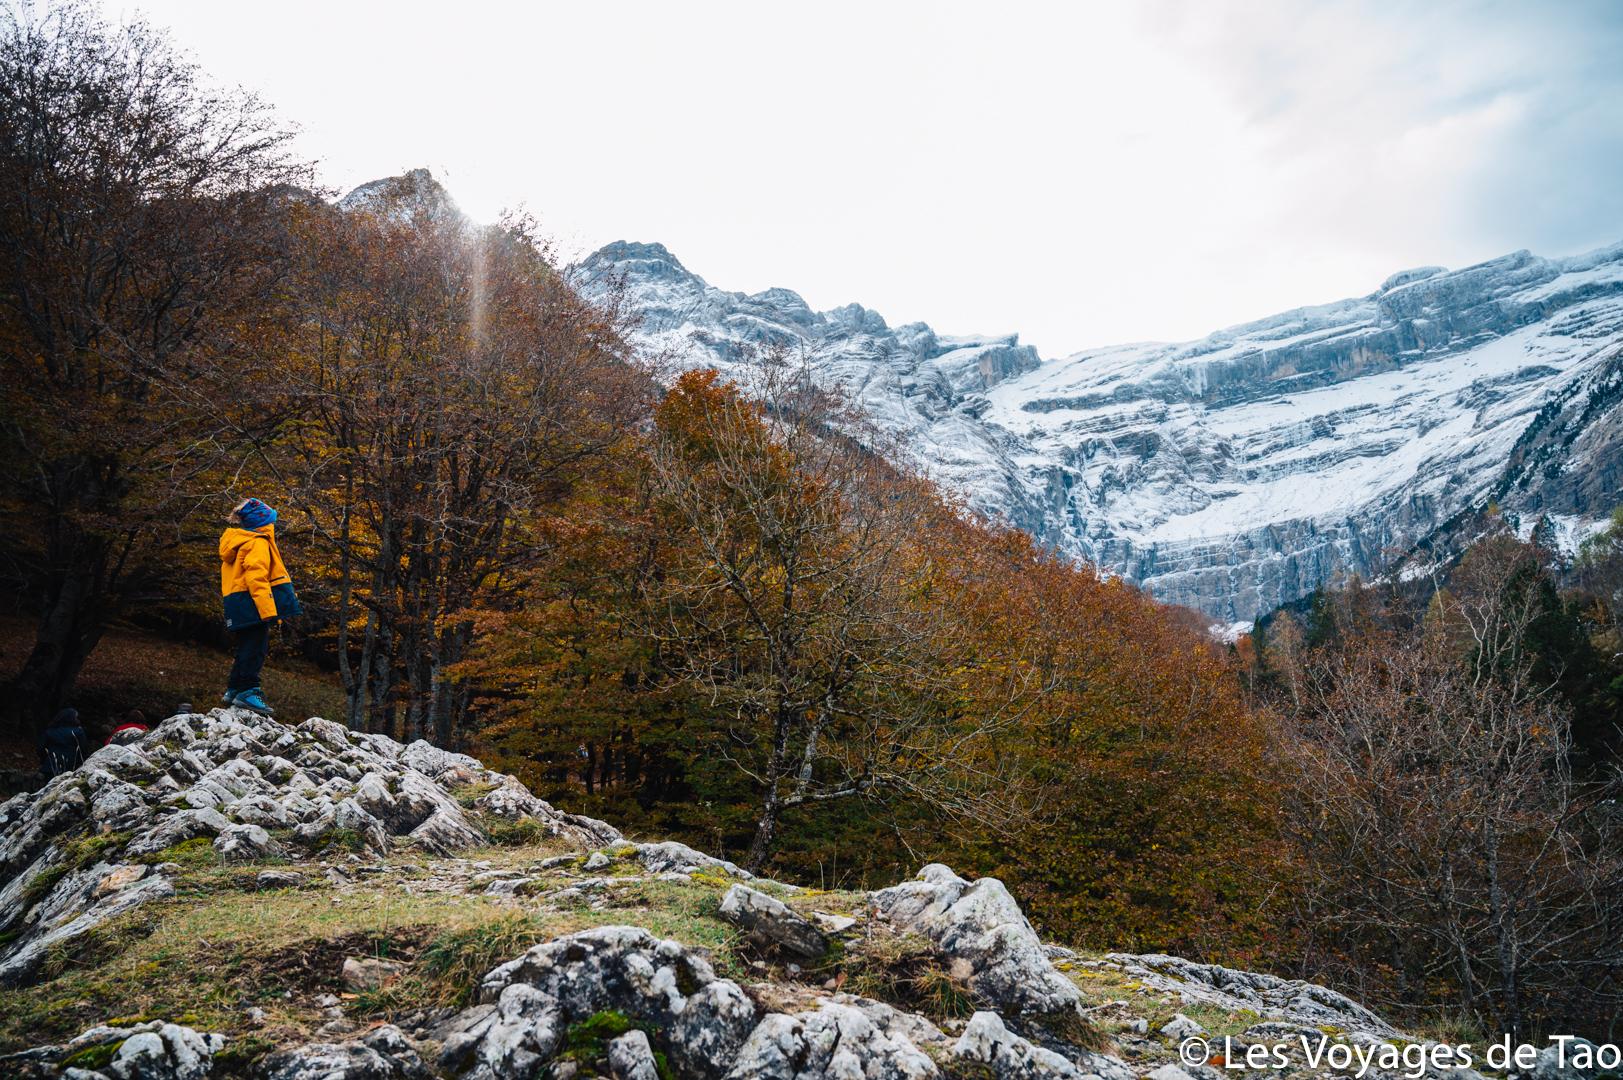 1605022198 8 Roadtrip en furgoneta por los Pirineos